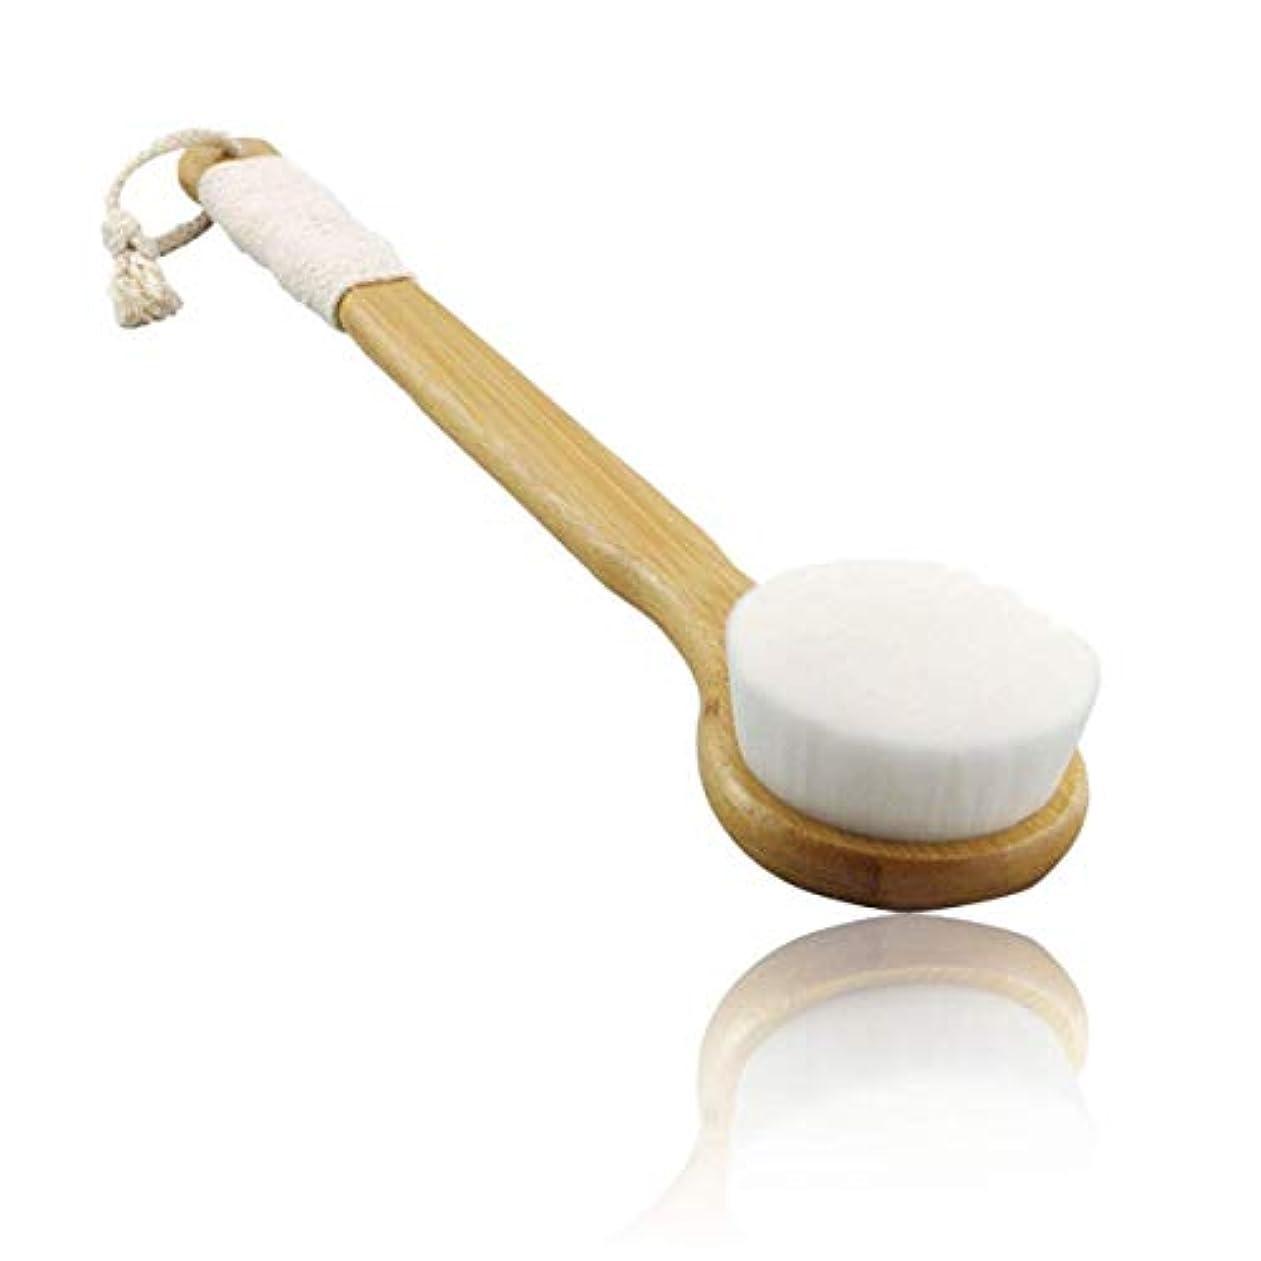 気難しい反映する影響力のあるFelimoa ボディースポンジ 洗顔ブラシ 竹製長柄 やわらかボディブラシ 背中 毛穴 ボディ洗浄 (平面 白)